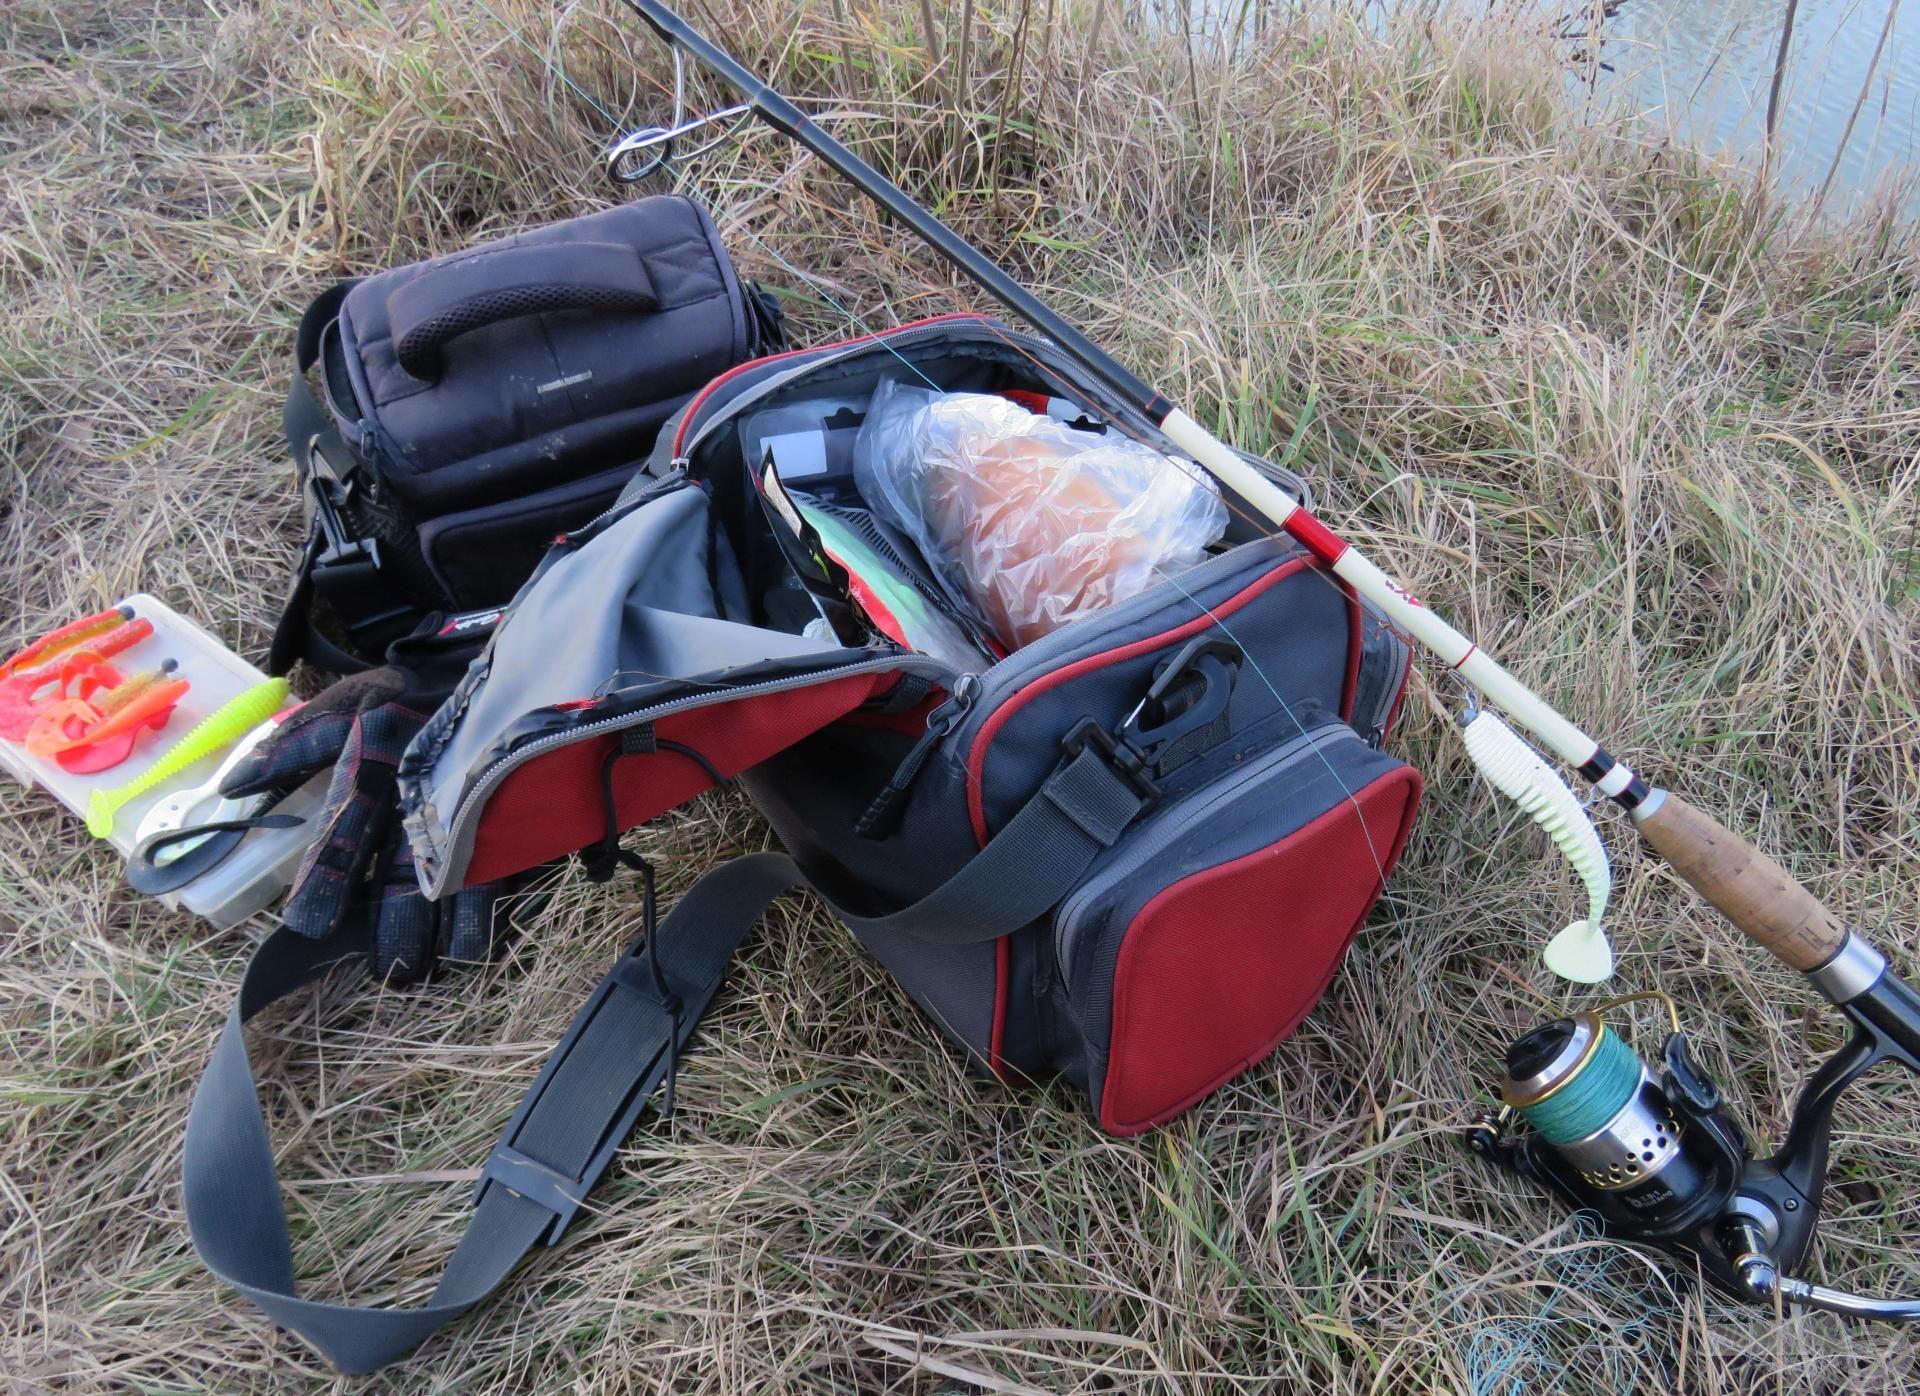 Kevés felszereléssel vágok neki a gyalogtúrával is felérő, több kilométeres cserkelő horgászatnak